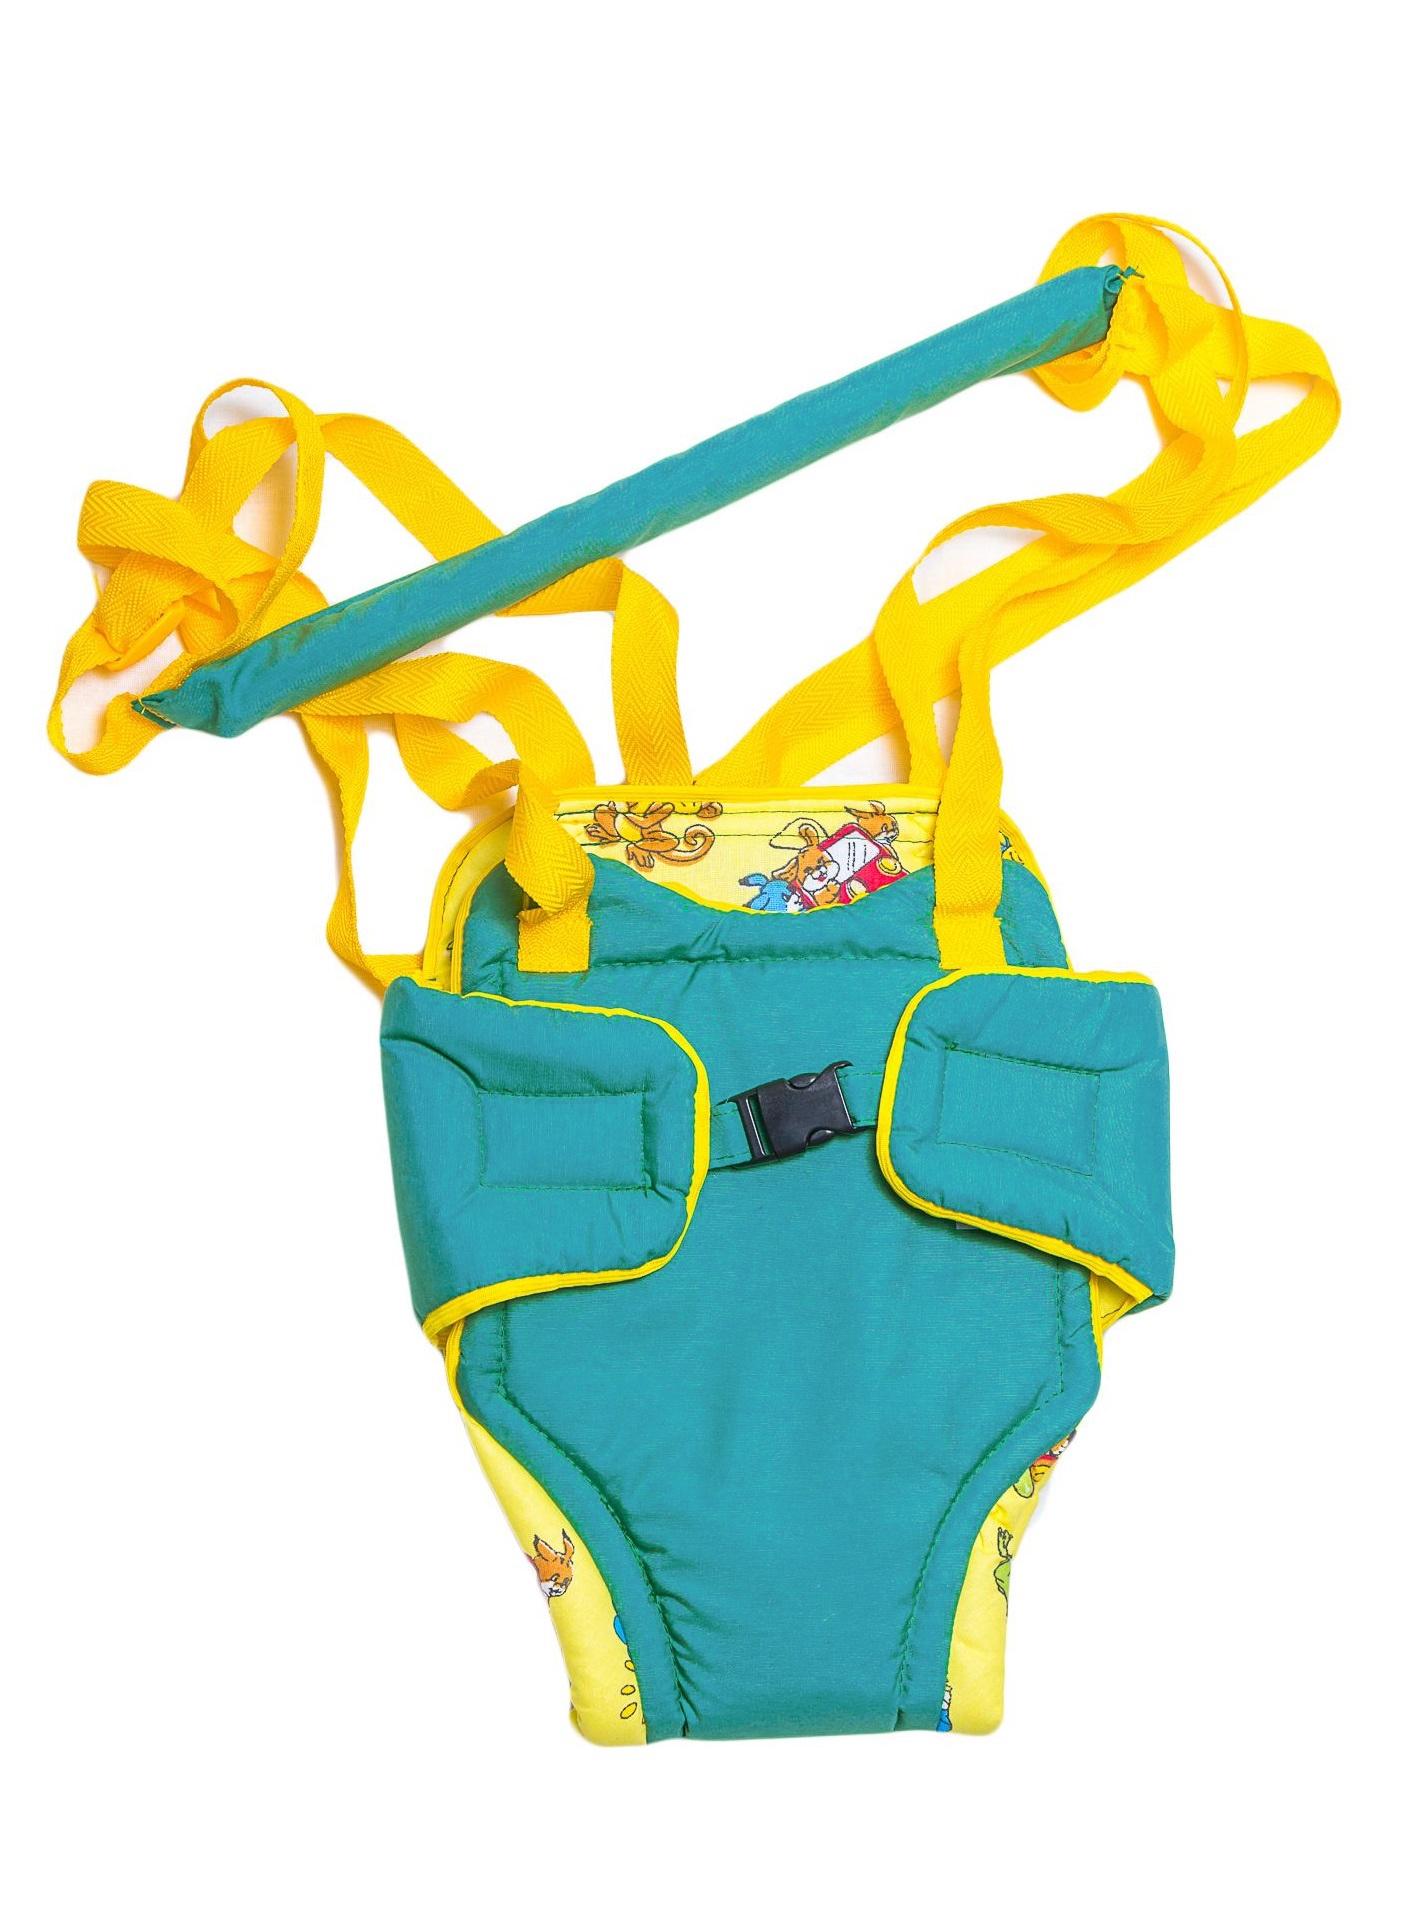 Прыгунки детские Baby Bum, модель №2, цвет синий